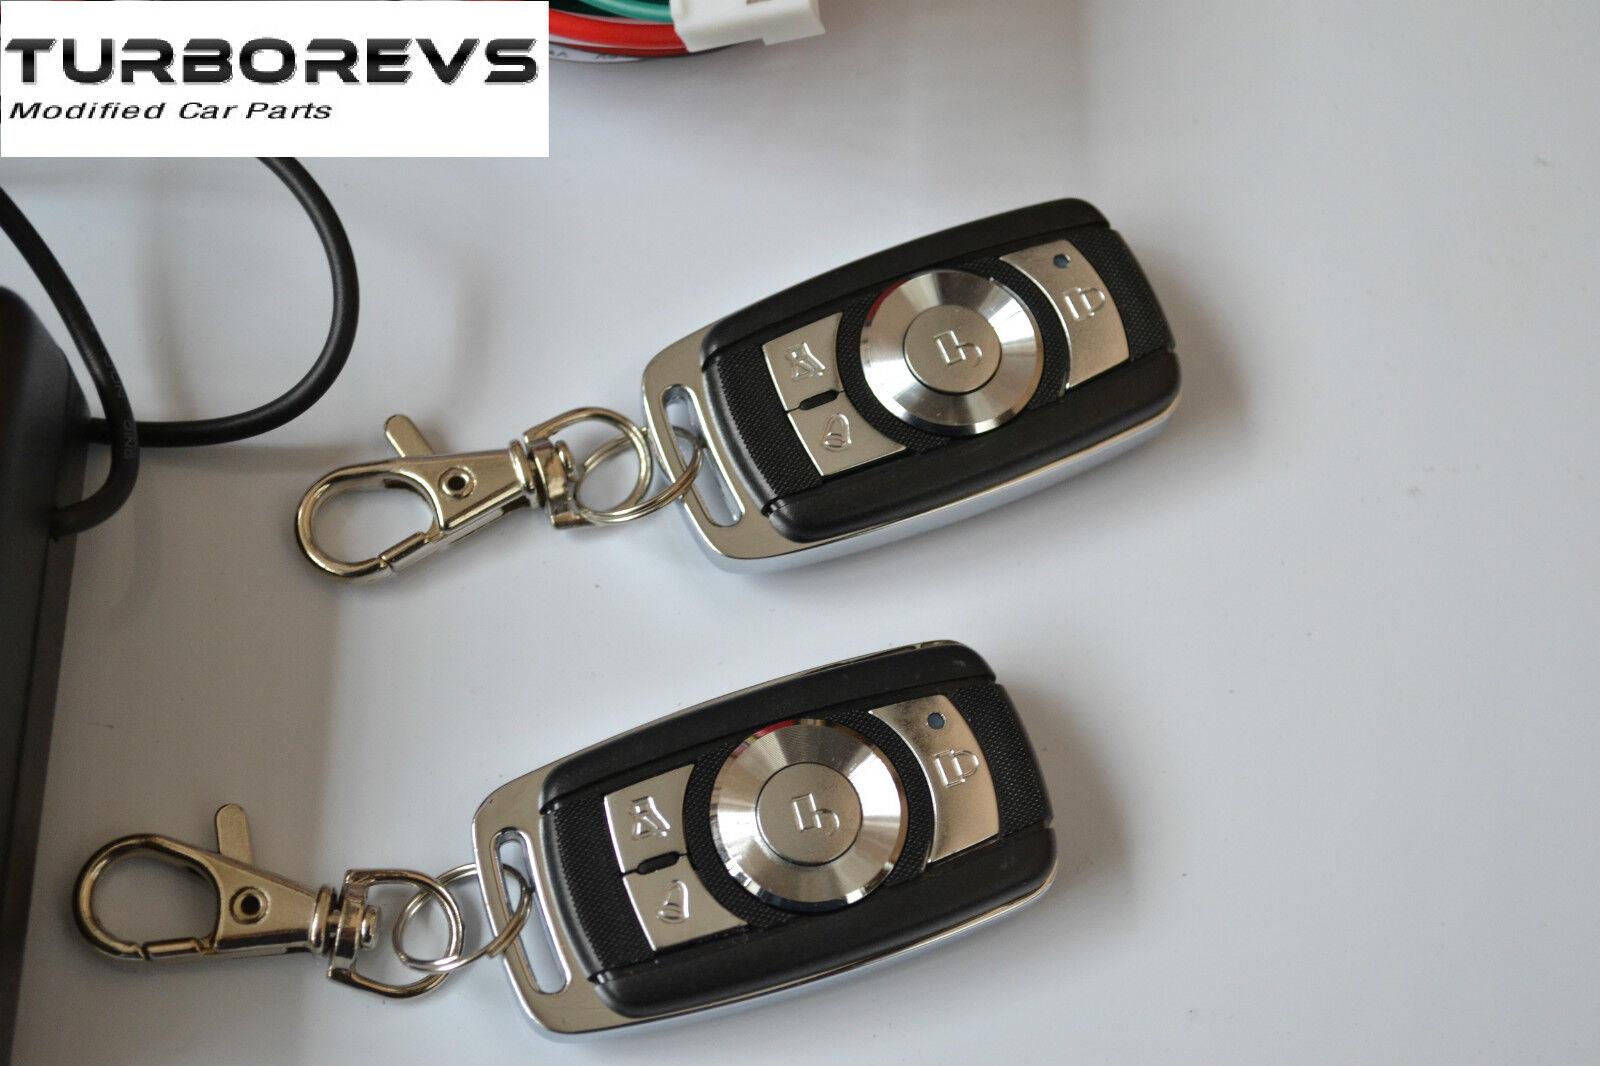 Remote Keyless Entry Central Locking Kit Bmw E30 E36 E46 E39 E38 X5 Wiring Diagram